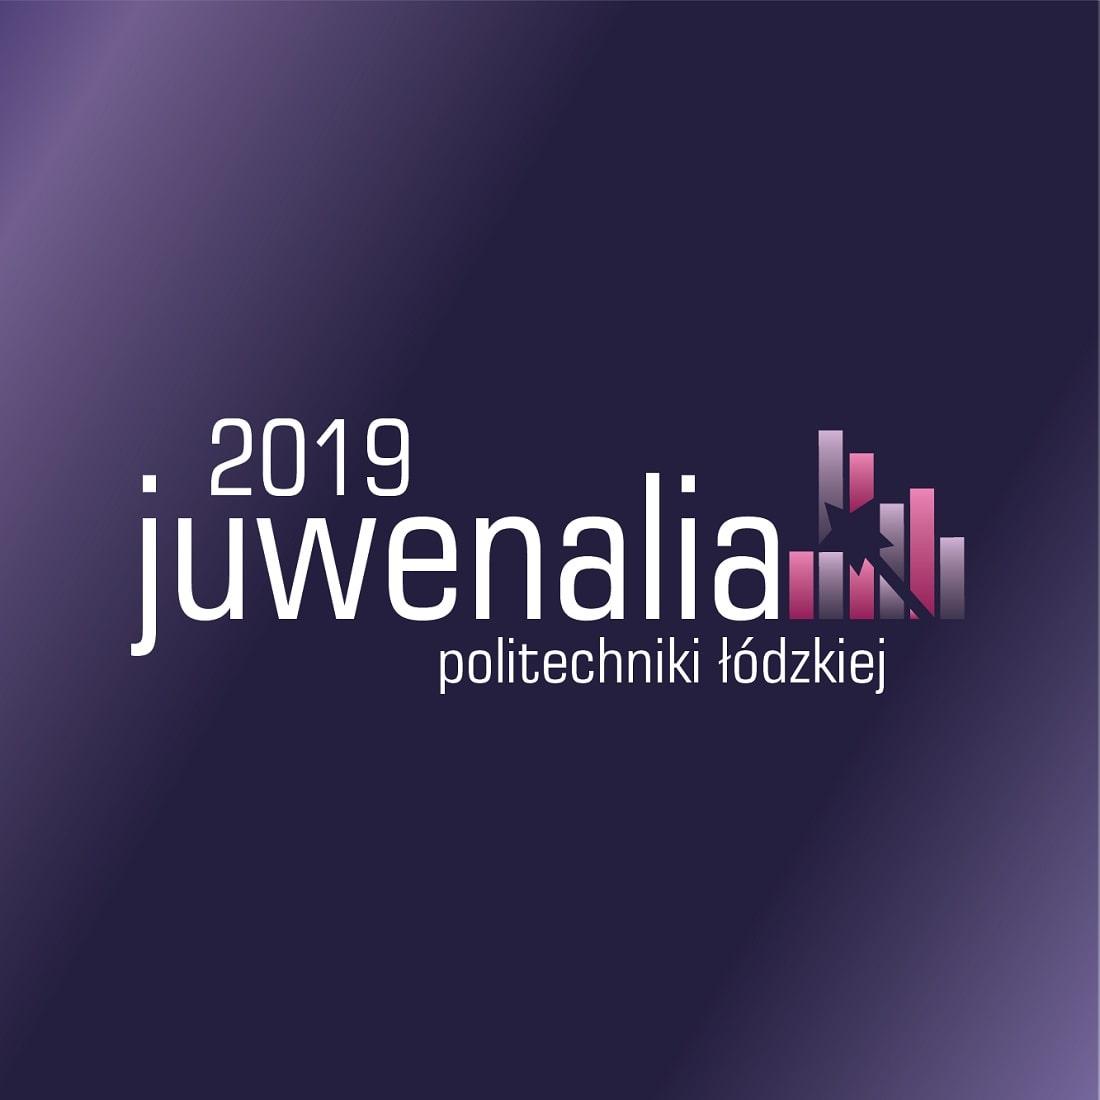 Juwenalia Politechniki Łódzkiej 2019 logo